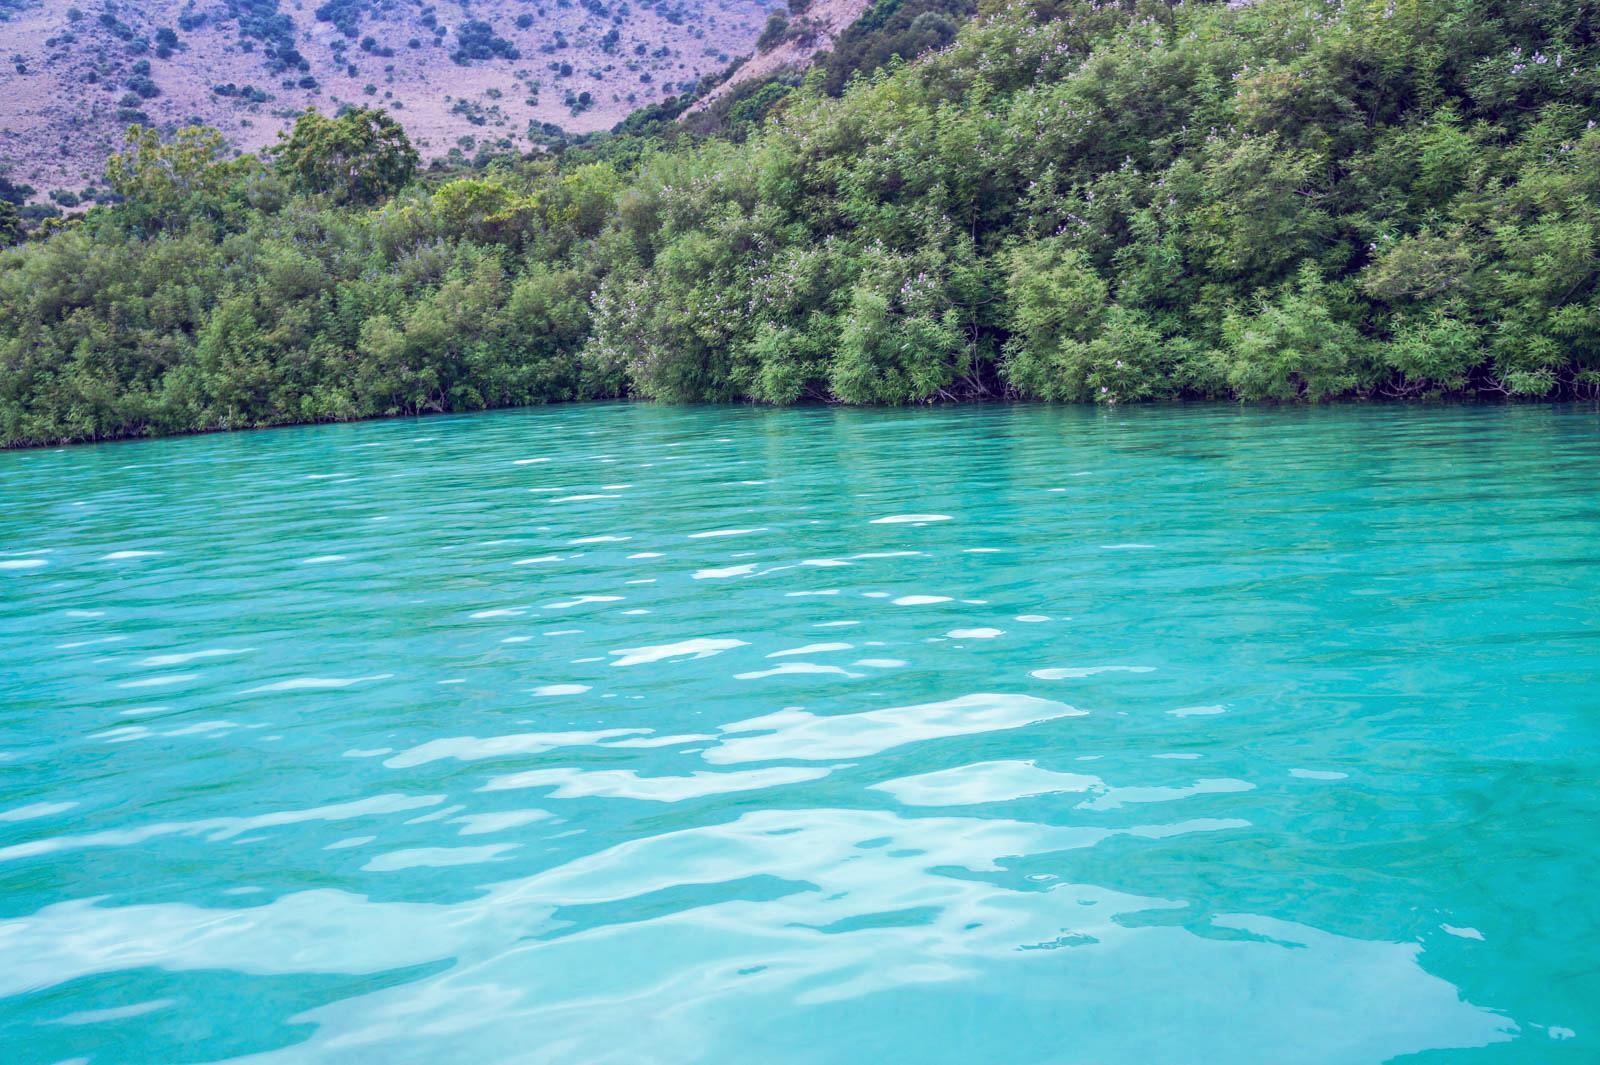 Ποια είναι η στοιχειωμένη λίμνη της Κρήτης - Τι λέει ο μύθος για την νεράιδα που την στοίχειωσε | Λαογραφία-Ιστορία | Κρήτη & Κρητικοί